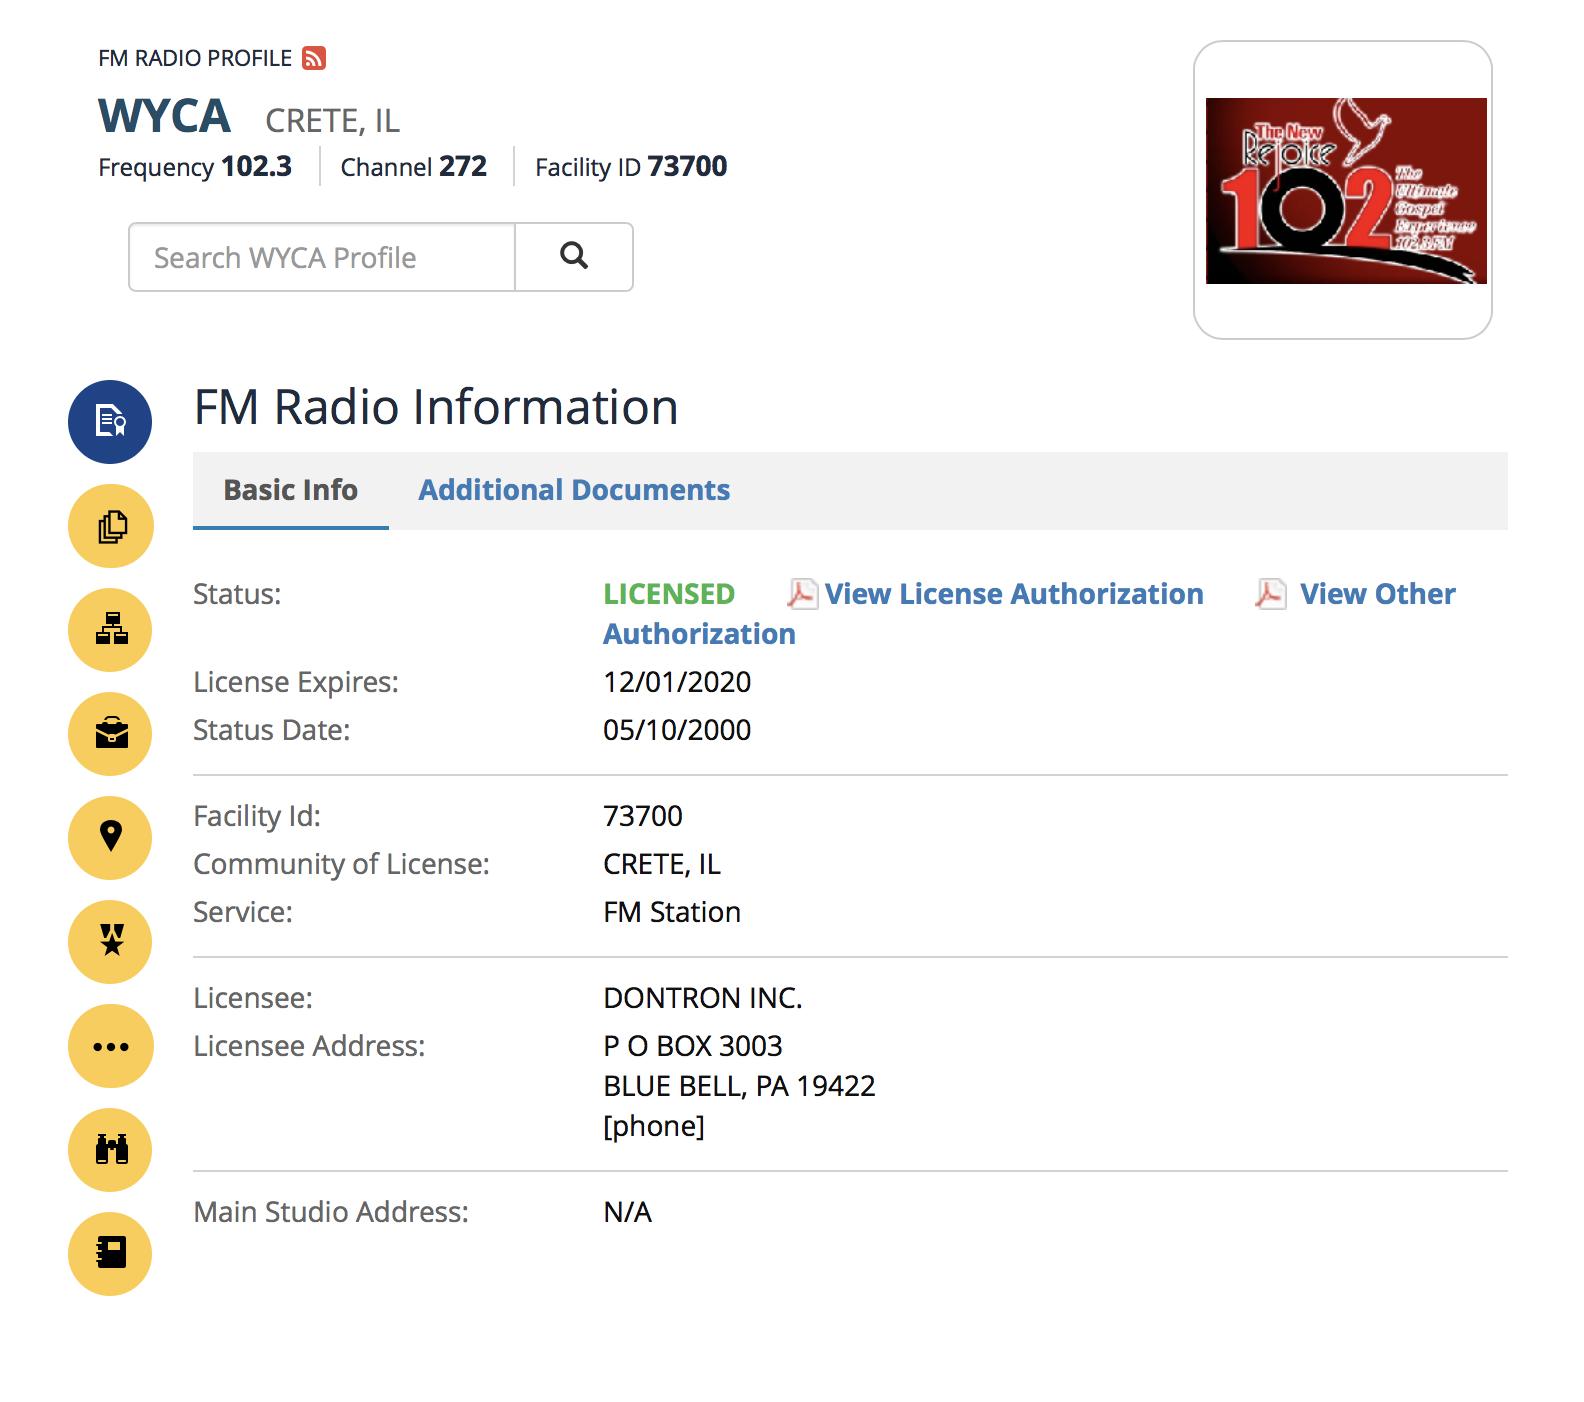 WYCA Public File